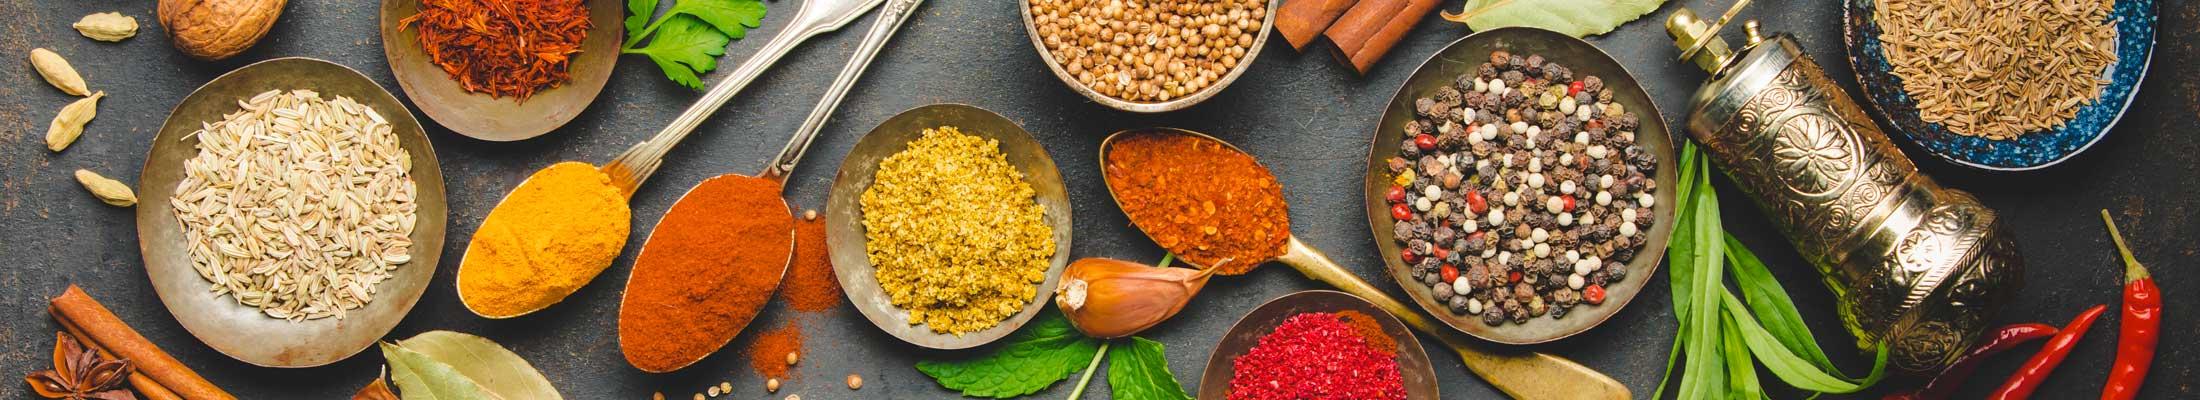 Mélange d'épices - Achetez des mélanges d'épices originaux et parfumés